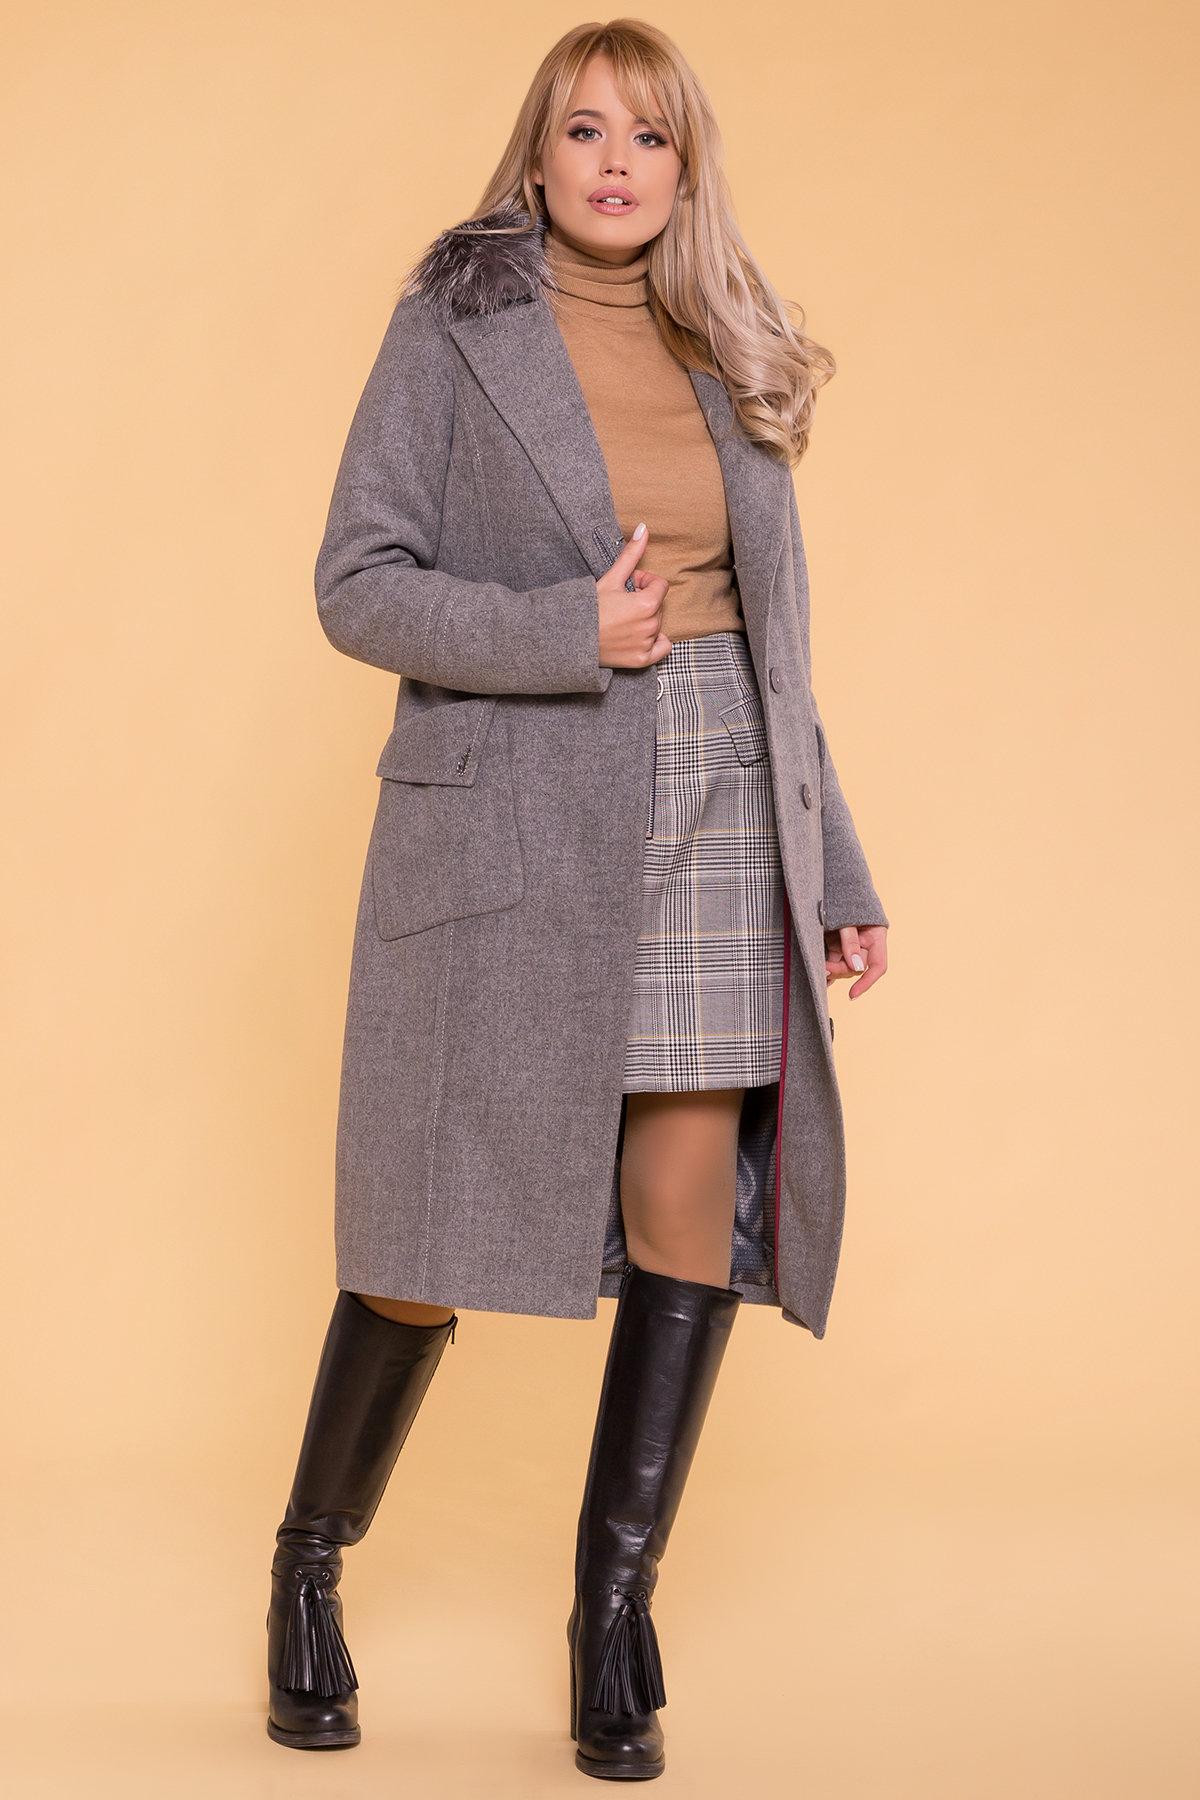 Зимнее пальто с мехом Стейси 5647 АРТ. 37855 Цвет: Серый 18 - фото 5, интернет магазин tm-modus.ru